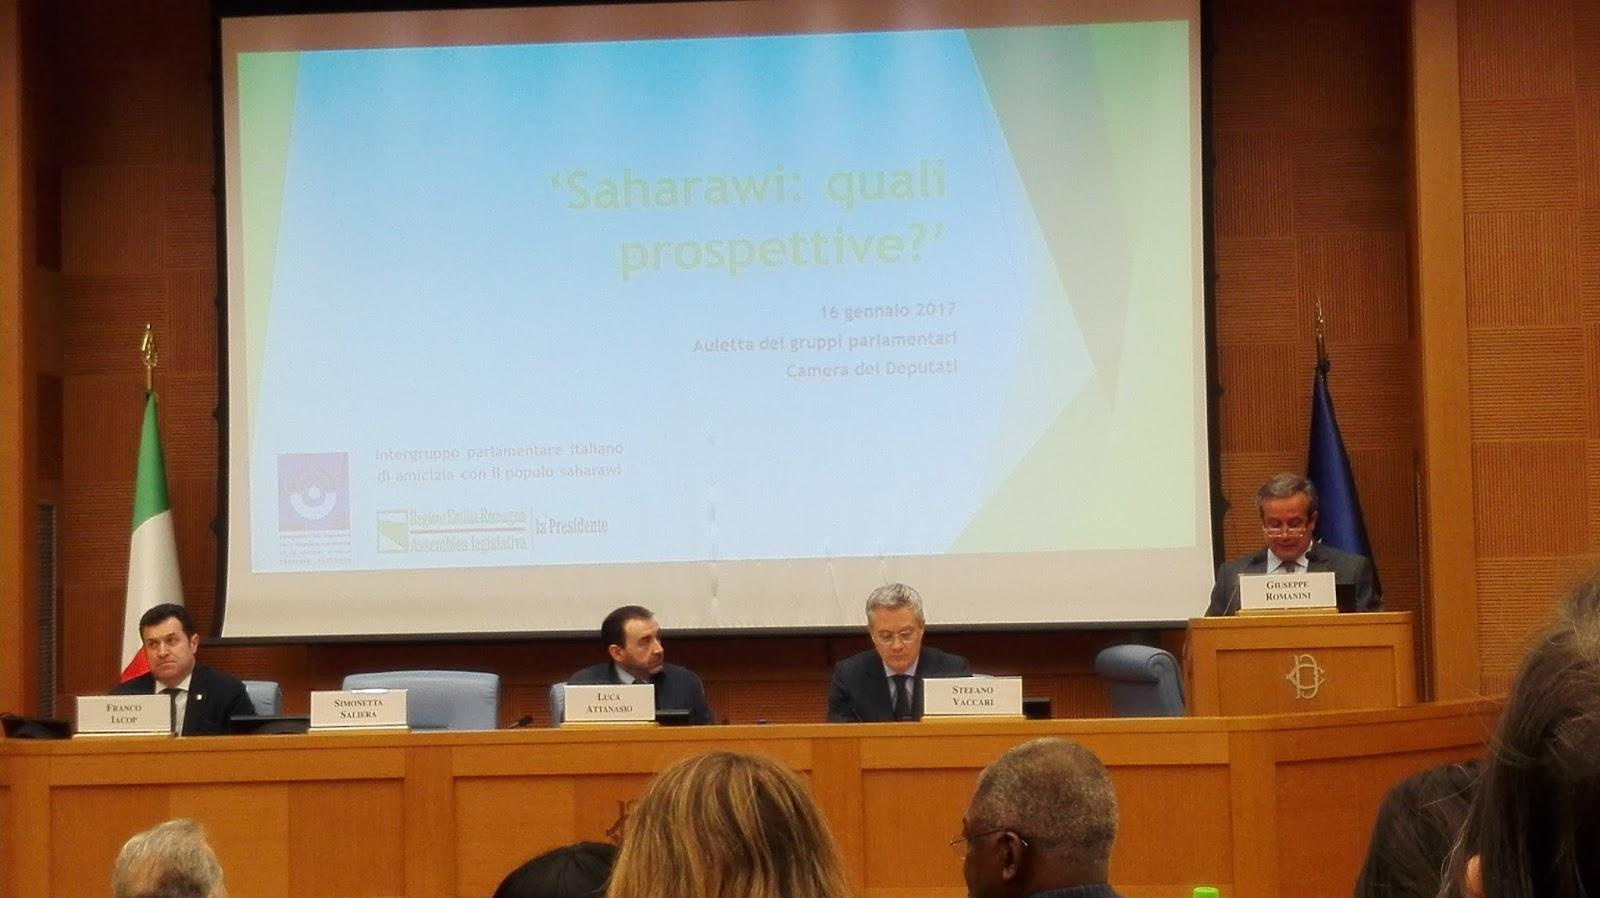 Poemario por un sahara libre celebraci n en roma del acto for Concorsi parlamento italiano 2017